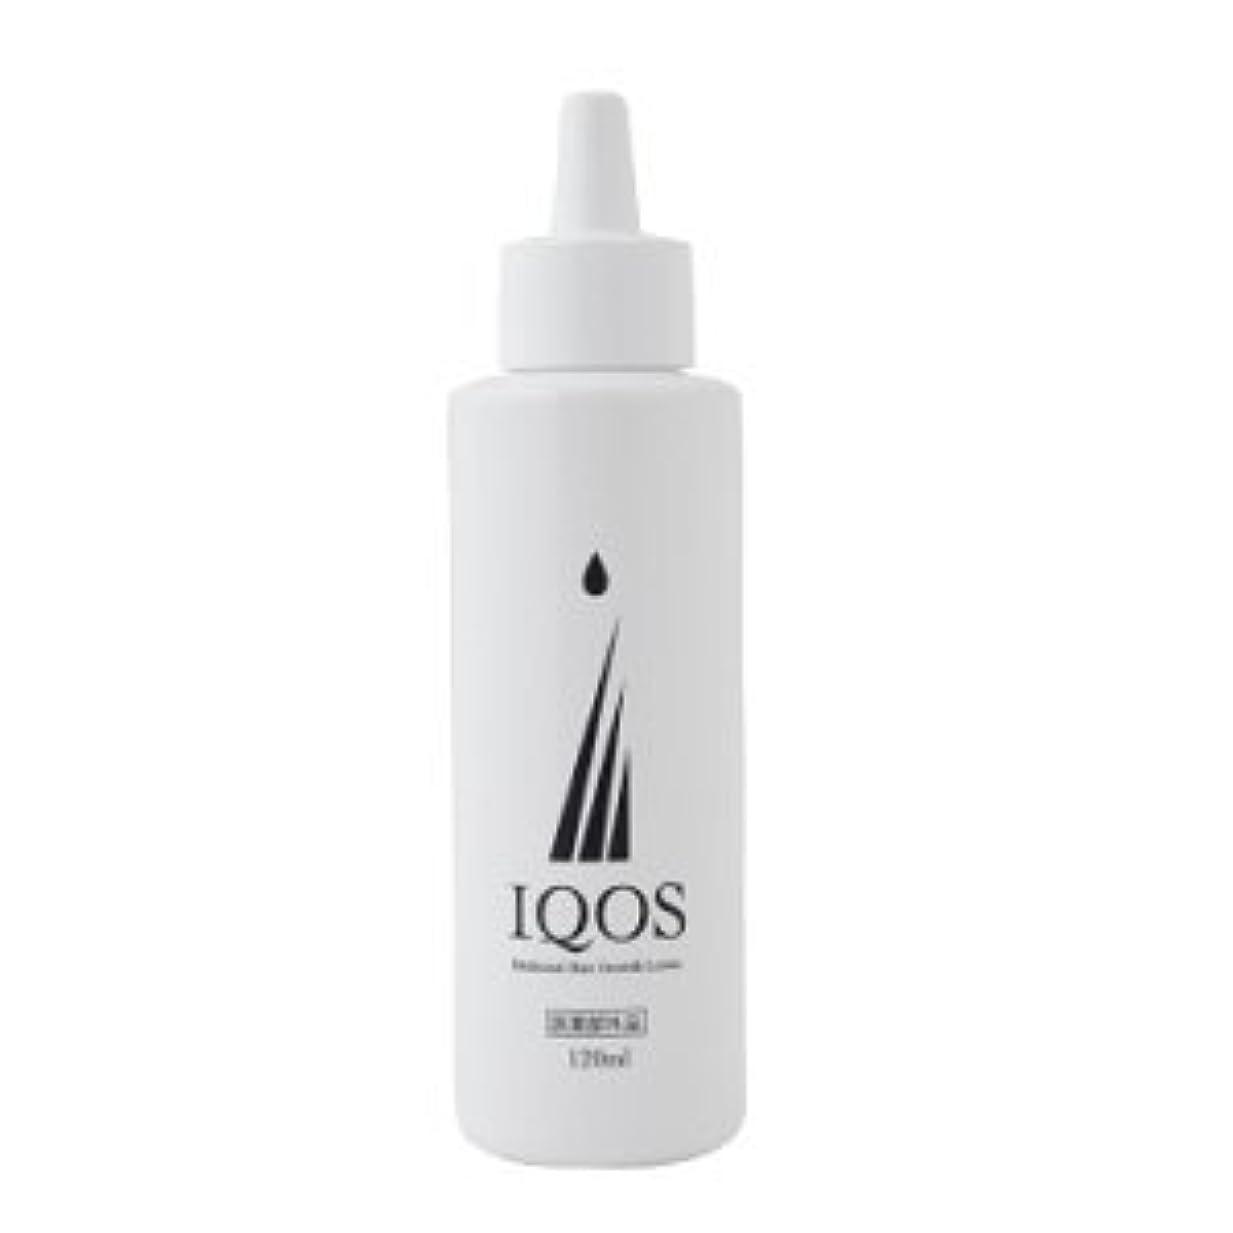 る耐久サイクロプスM-034を最大級配合 薬用育毛剤 IQOS イクオス 120ml